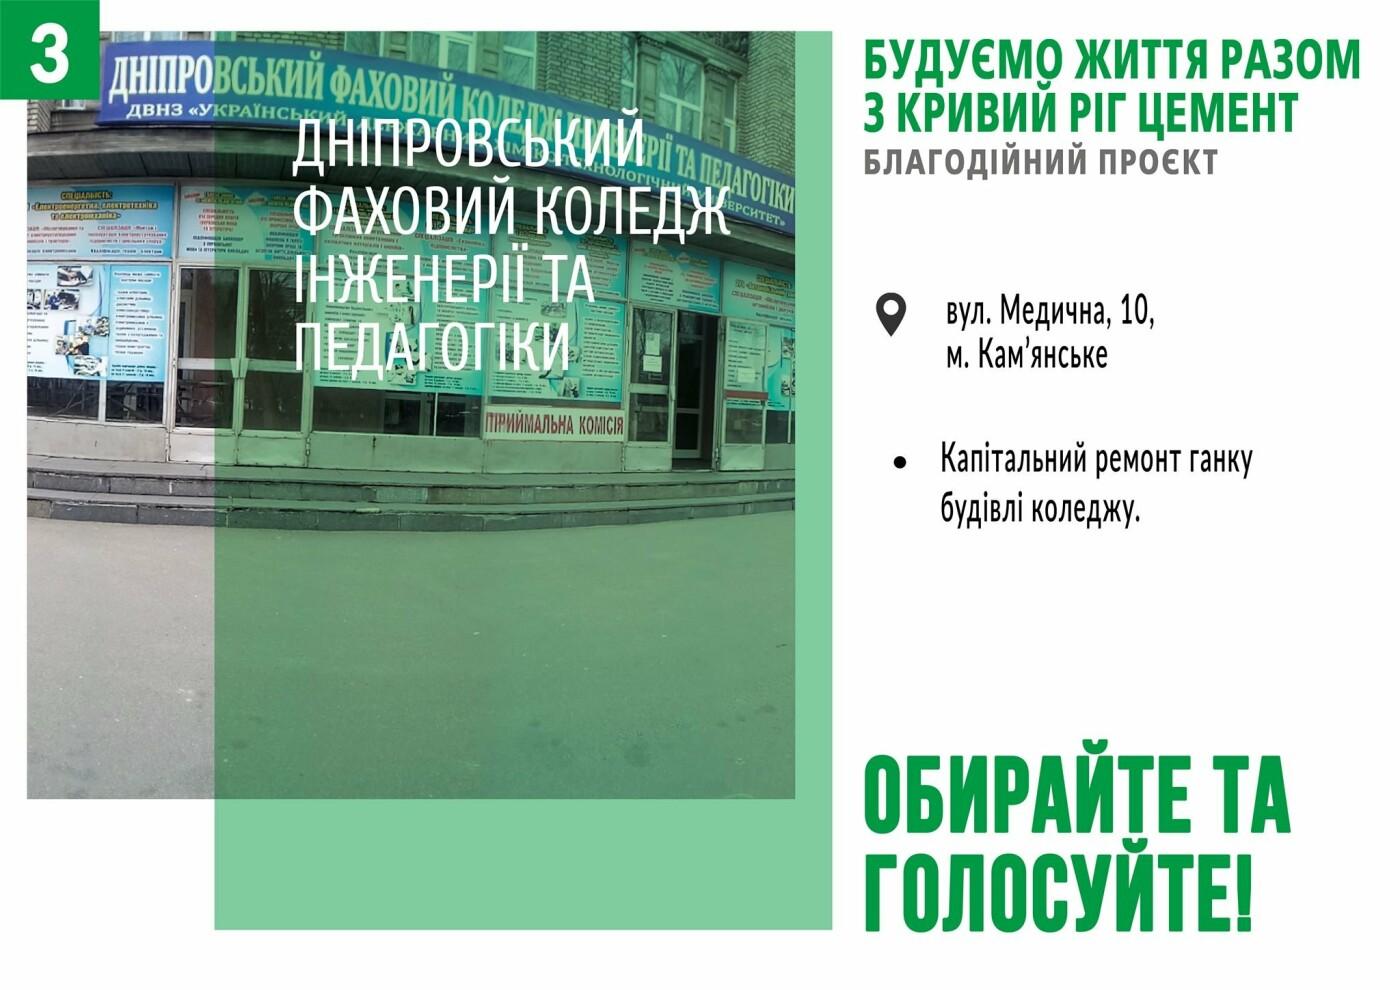 Начато голосование за объекты в рамках благотворительного проекта от компании «Кривой Рог Цемент», фото-3